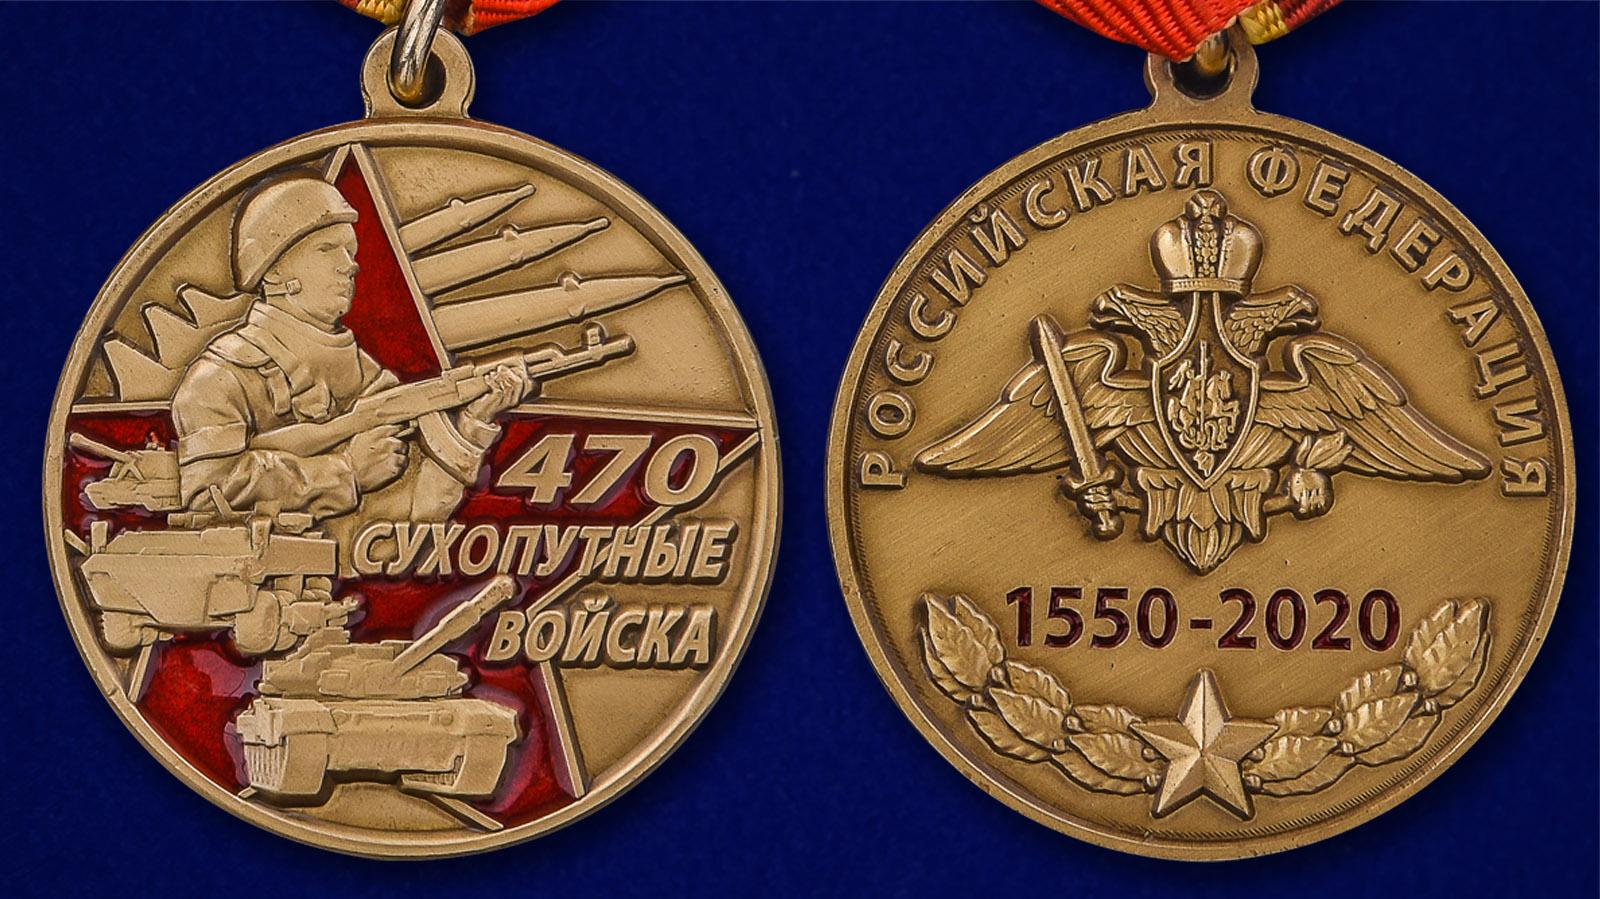 Памятная медаль 470 лет Сухопутным войскам - аверс и реверс